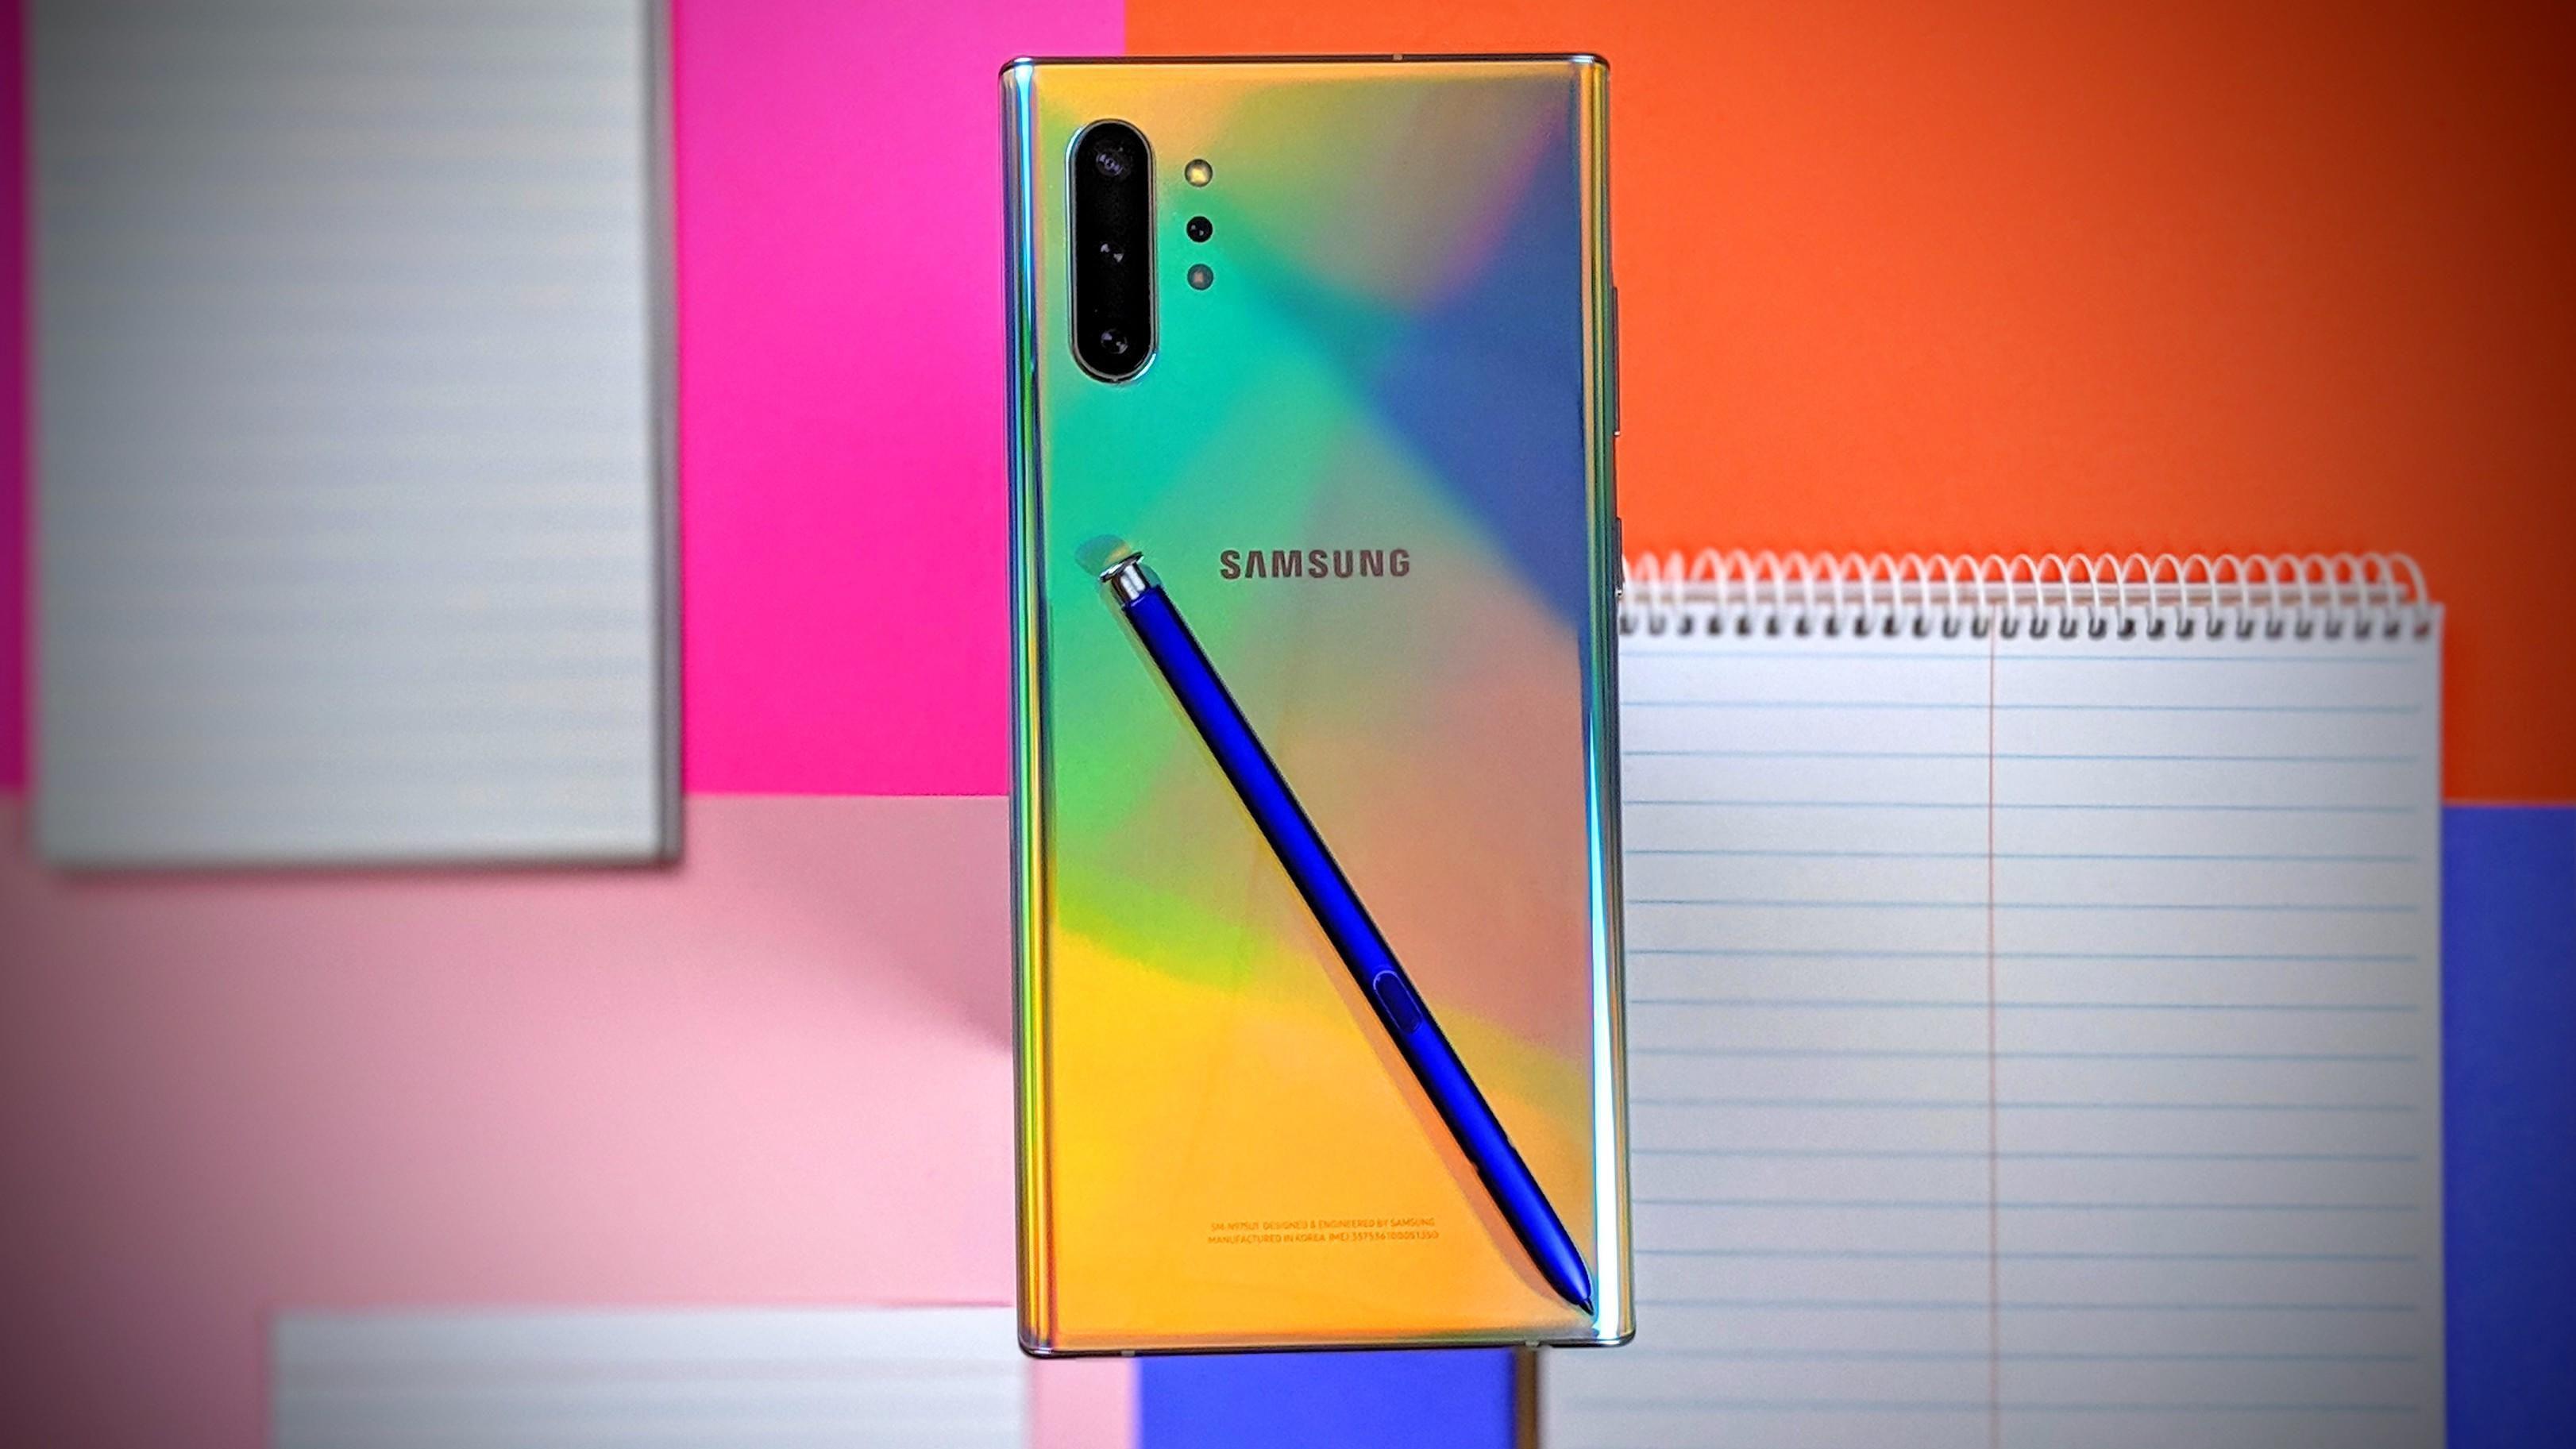 Samsung выпустила специальную версию Galaxy Note 10 с акцентом на криптовалюту